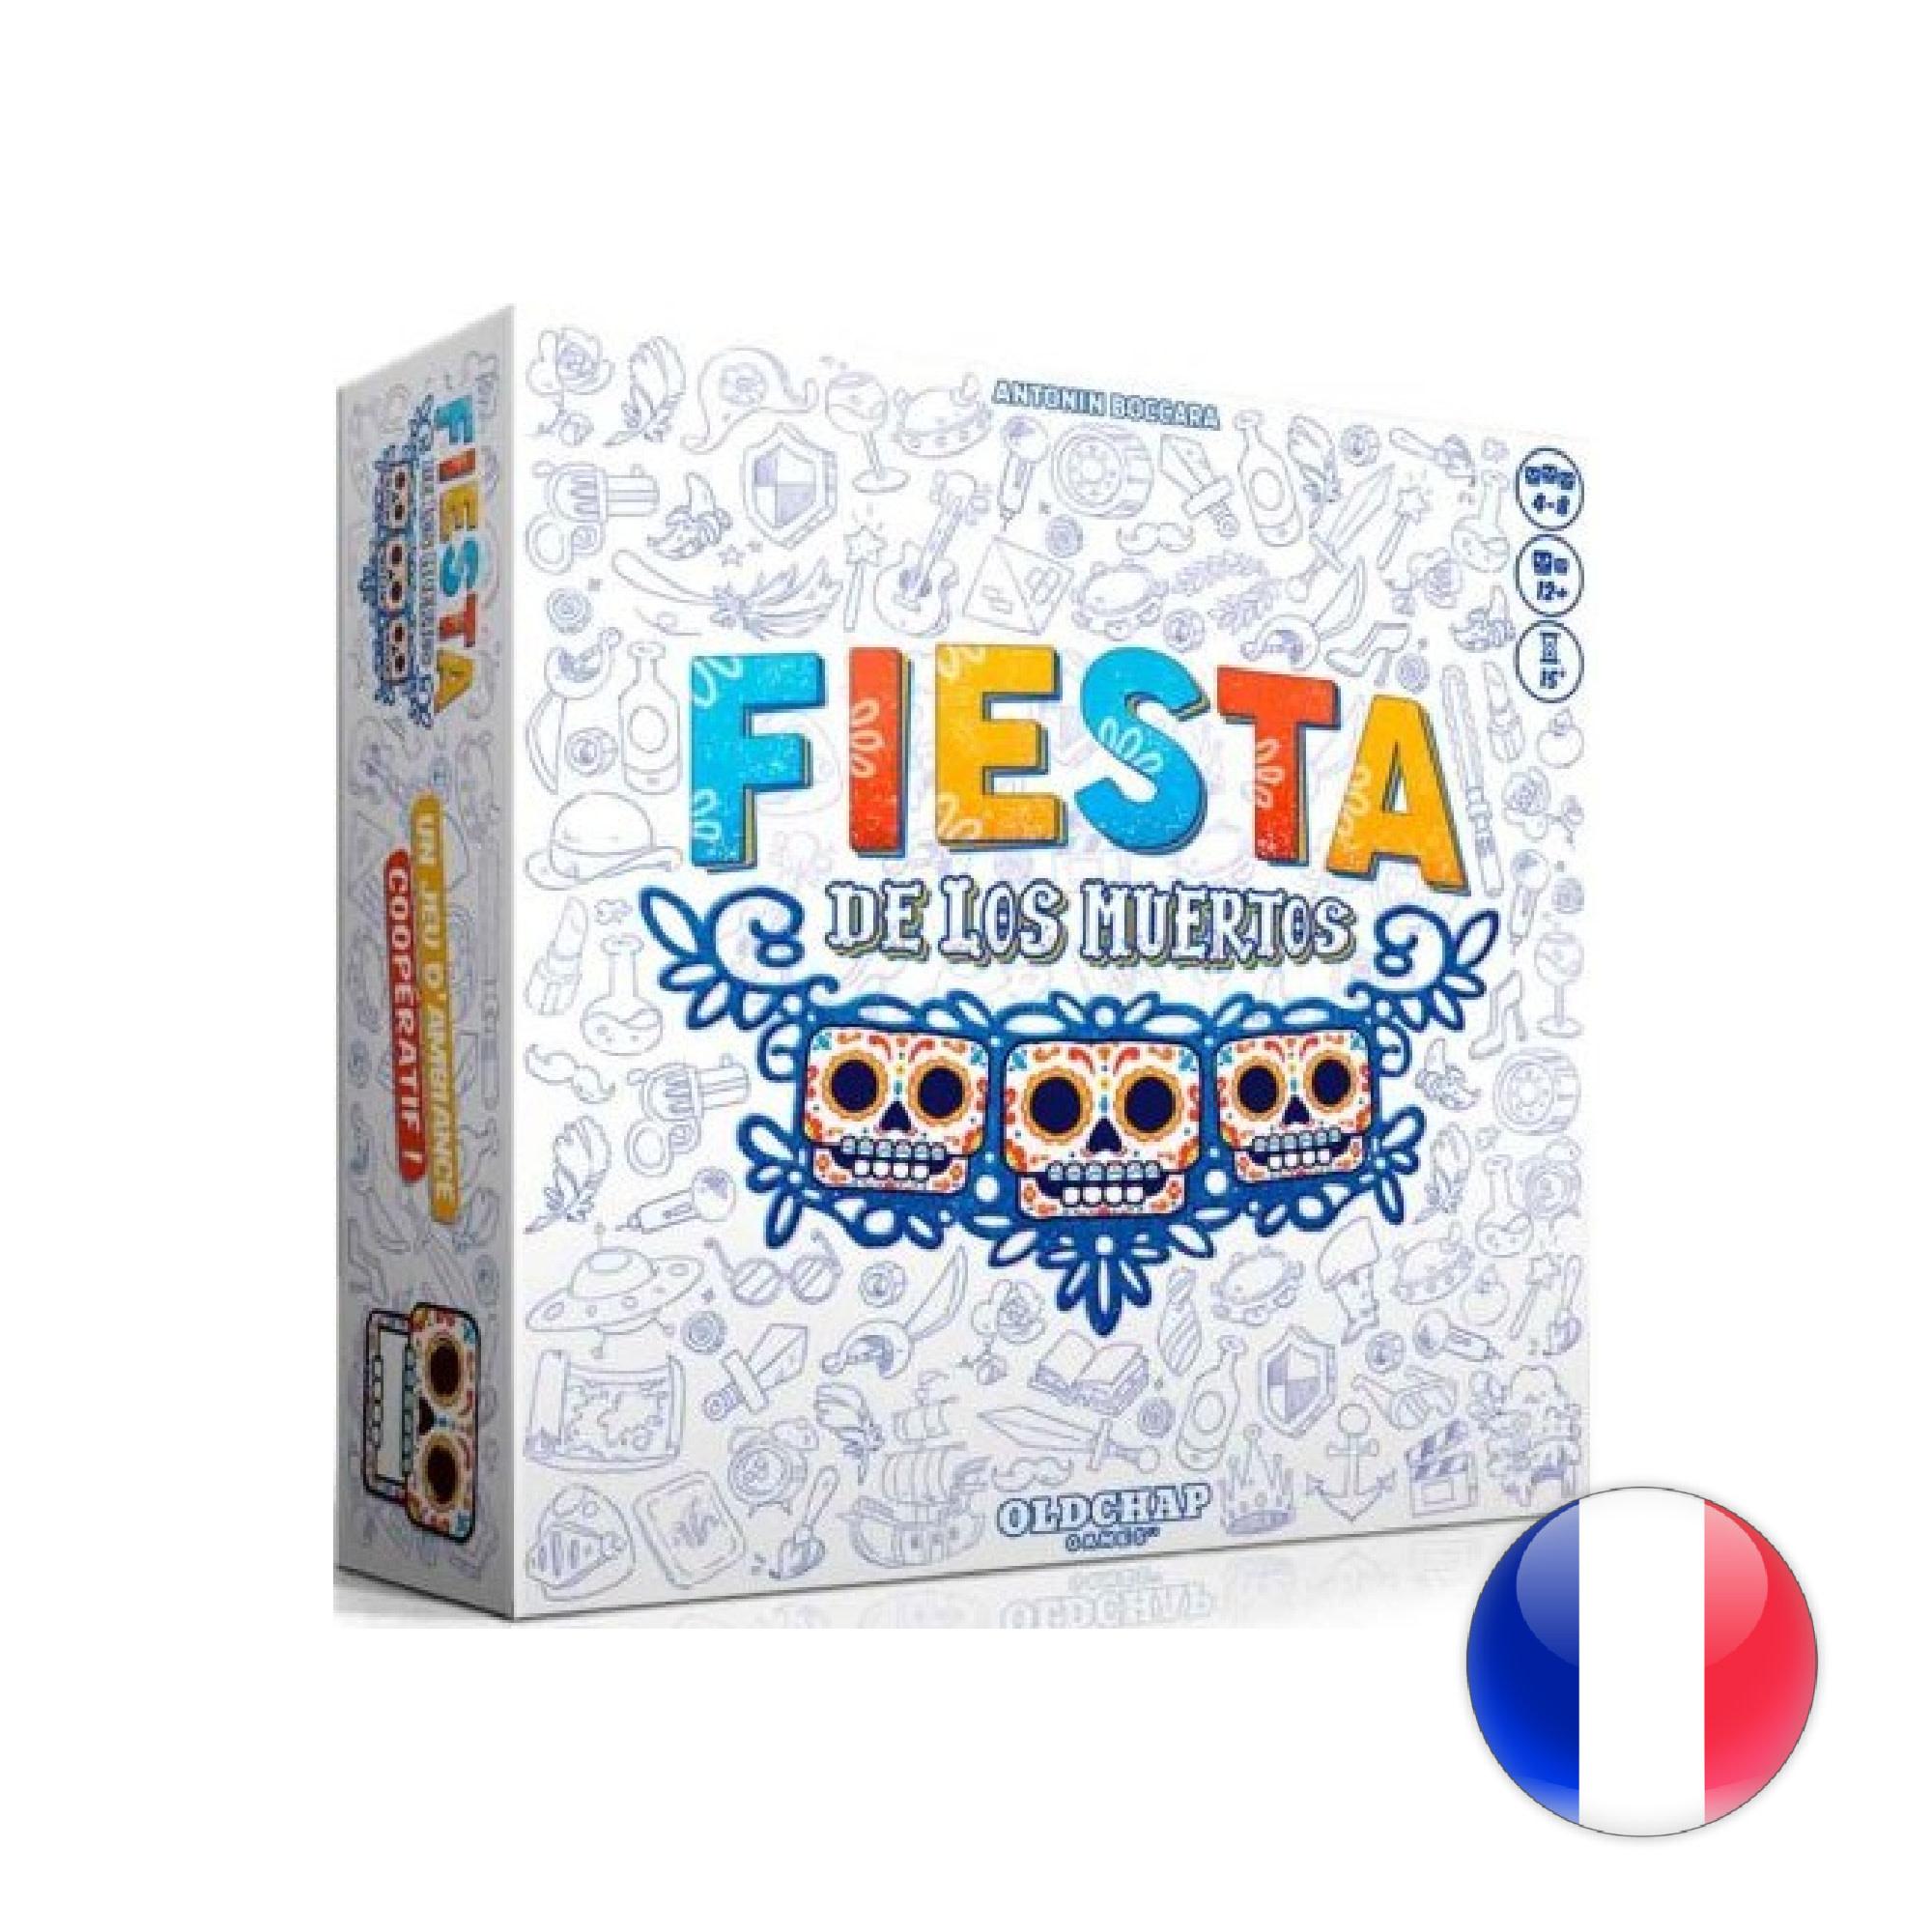 OldChap Editions Fiesta de los muertos VF